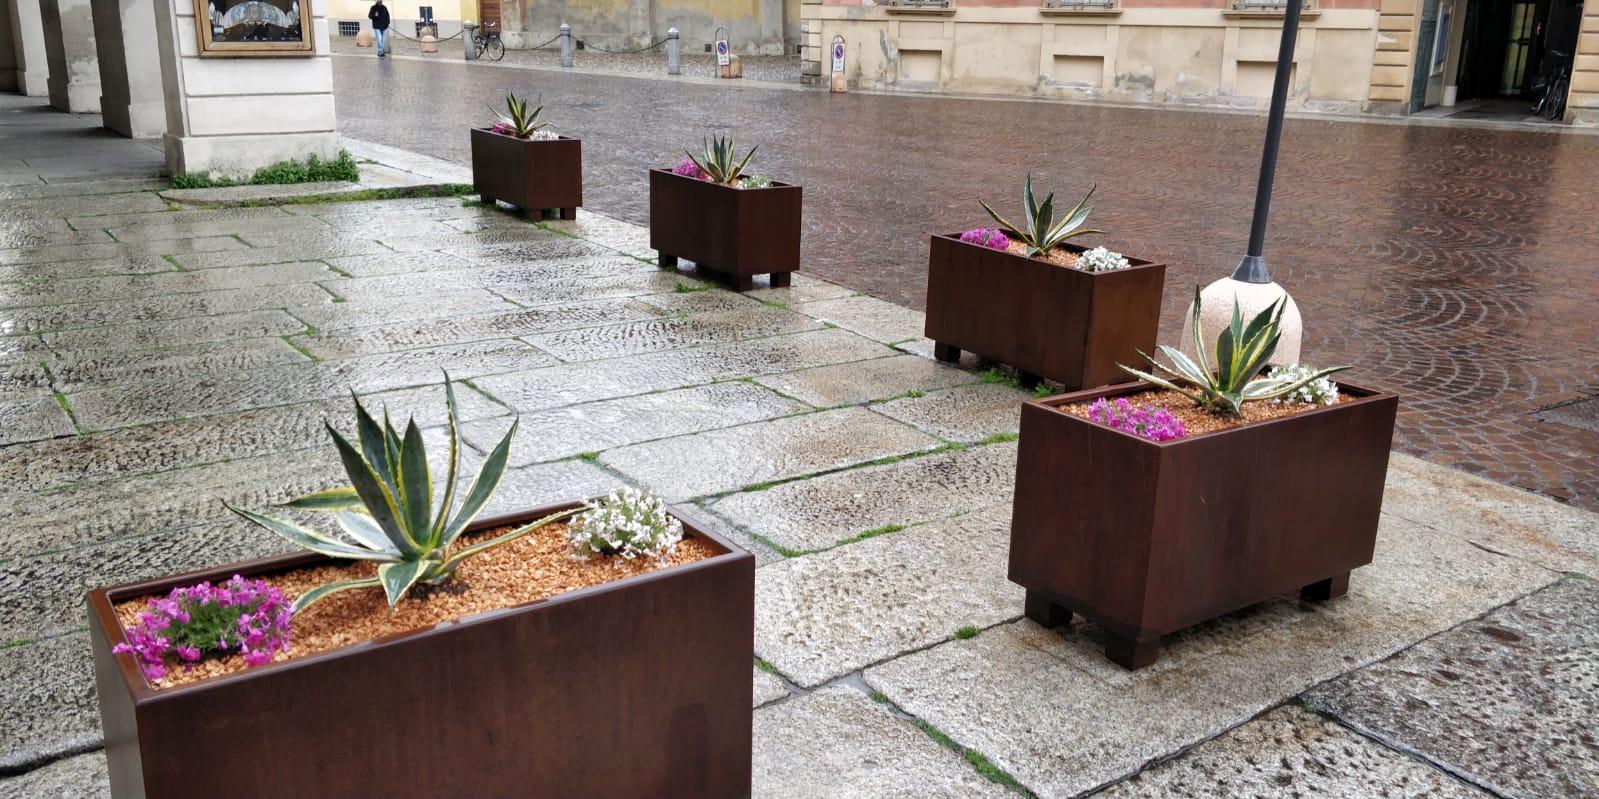 Nuovi arredi urbani e fiori biancorossi per abbellire il for Nuovi arredi